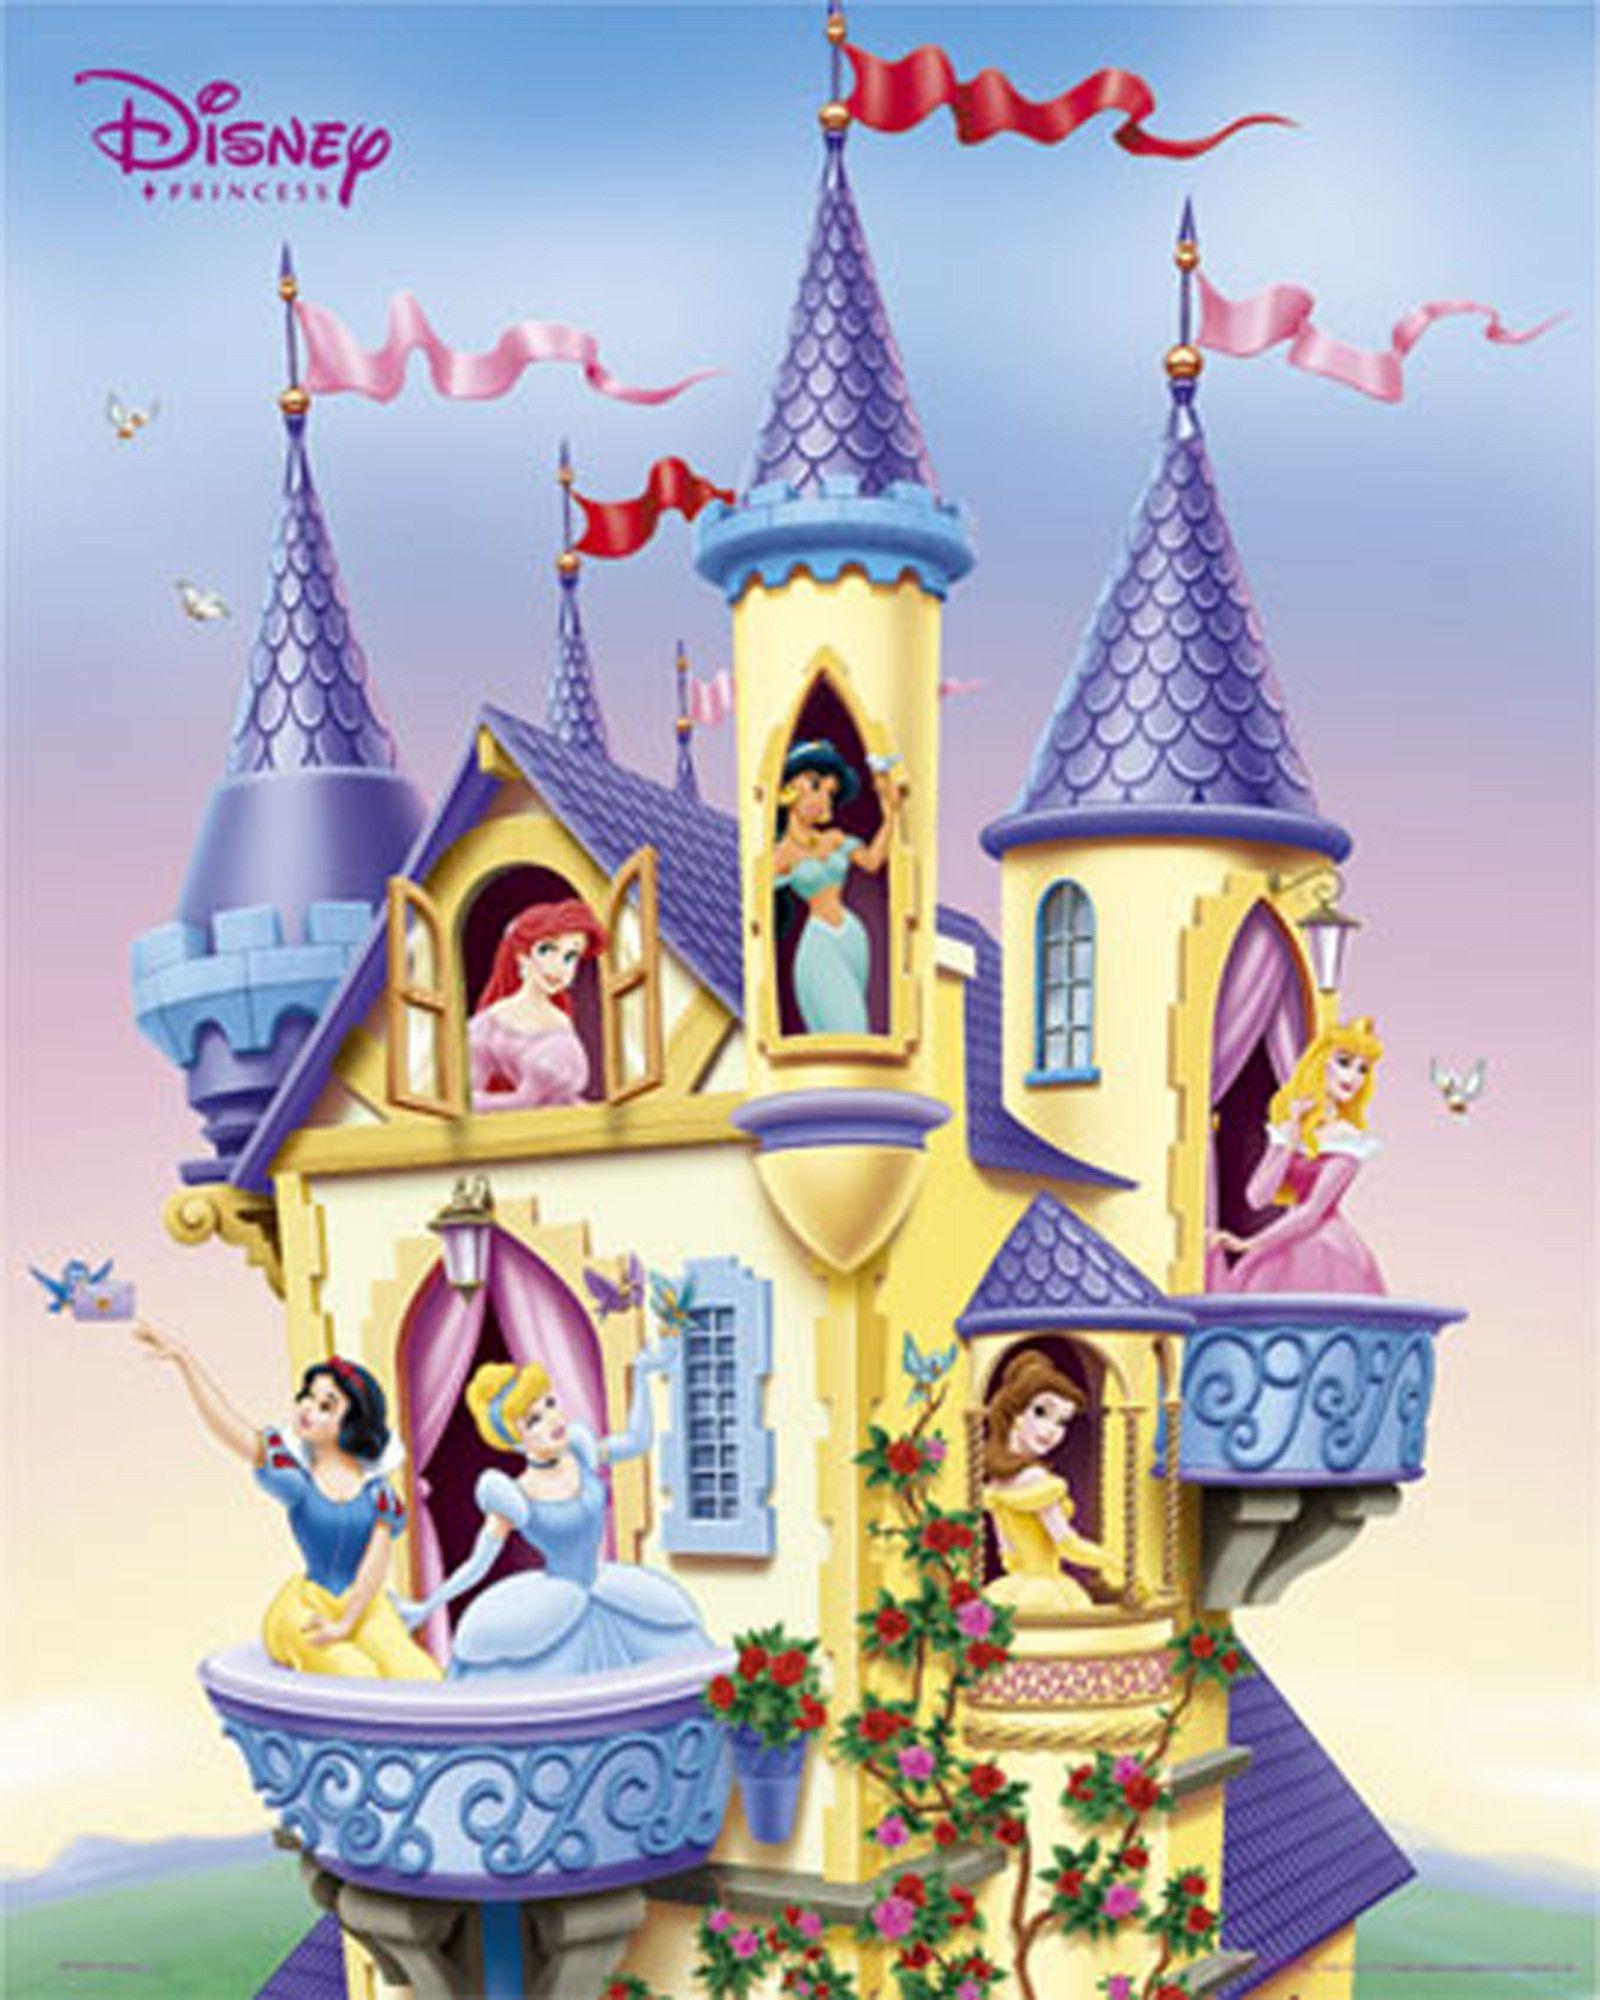 Disney castle wallpaper. Backgrounds cave